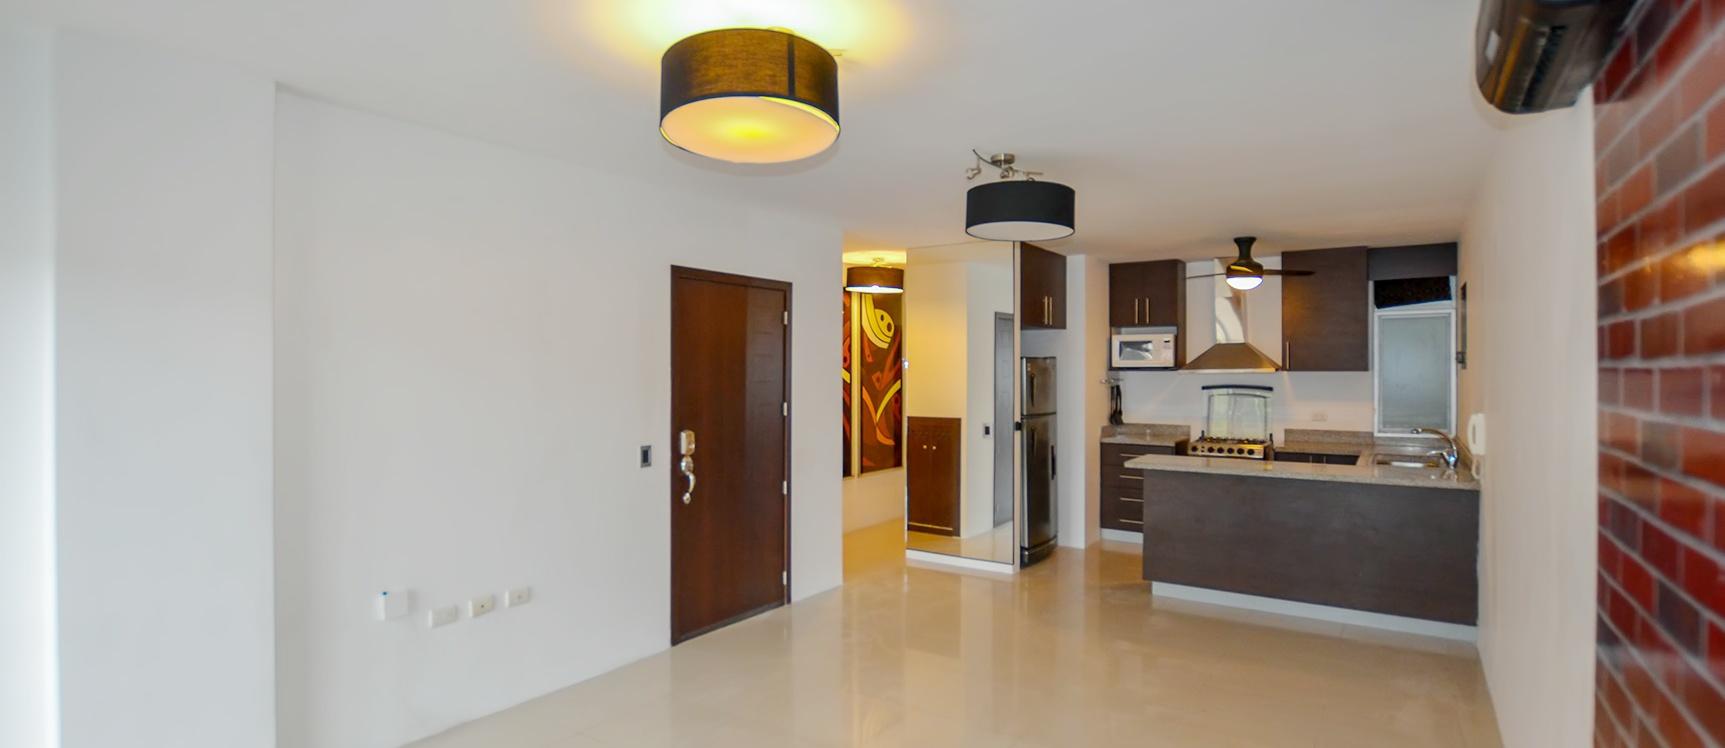 GeoBienes - Departamento en venta en Puerto Azul sector Vía a la Costa - Plusvalia Guayaquil Casas de venta y alquiler Inmobiliaria Ecuador